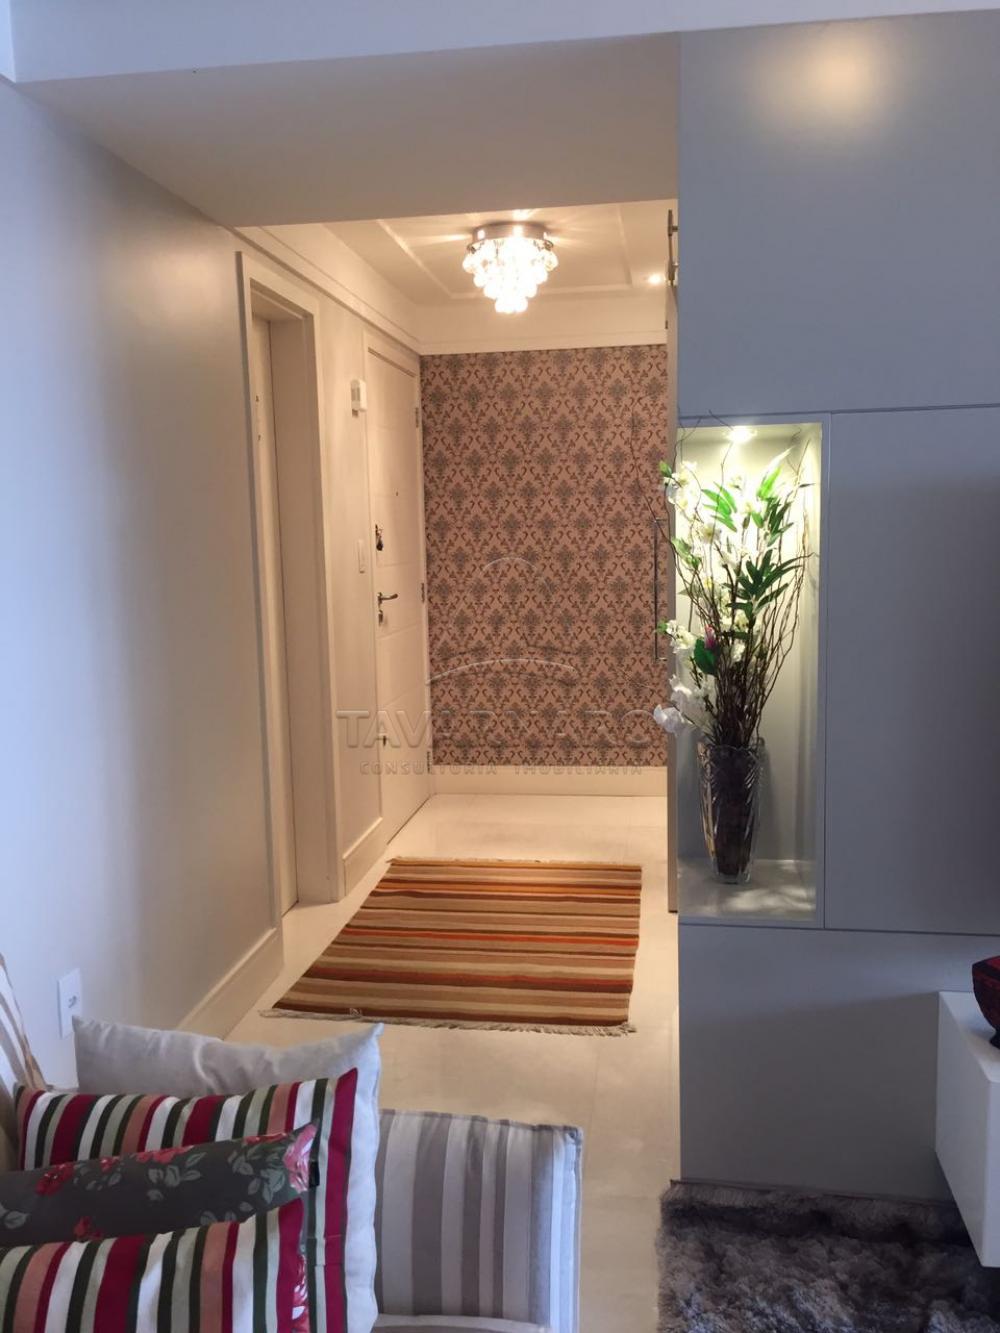 Comprar Apartamento / Padrão em Ponta Grossa apenas R$ 795.000,00 - Foto 26